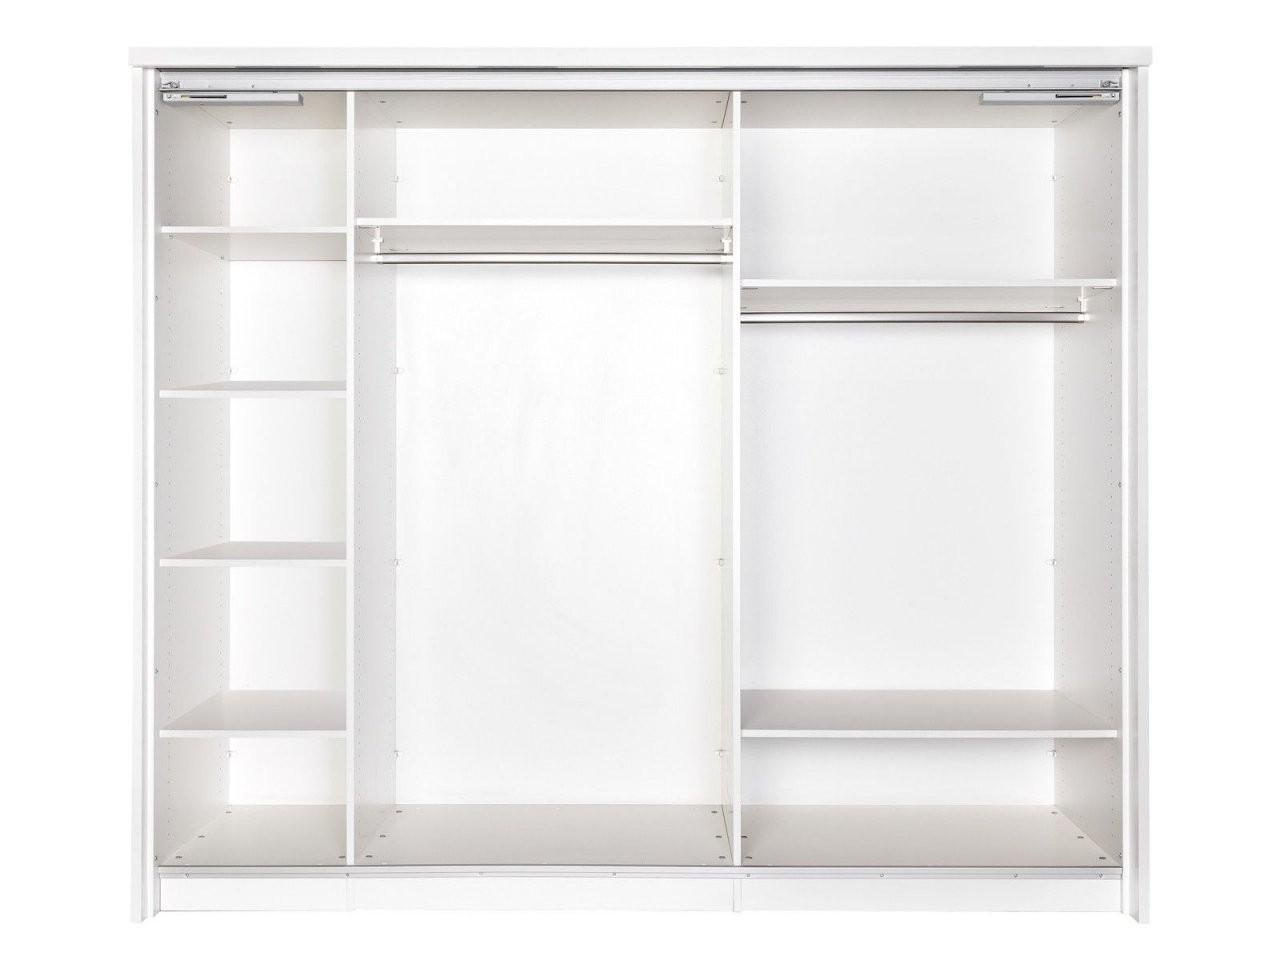 Kleiderschrank 40 Cm Tiefe Mit Schiebetür Schiebetüren Schrank Ohne von Kleiderschränke 50 Cm Tief Bild